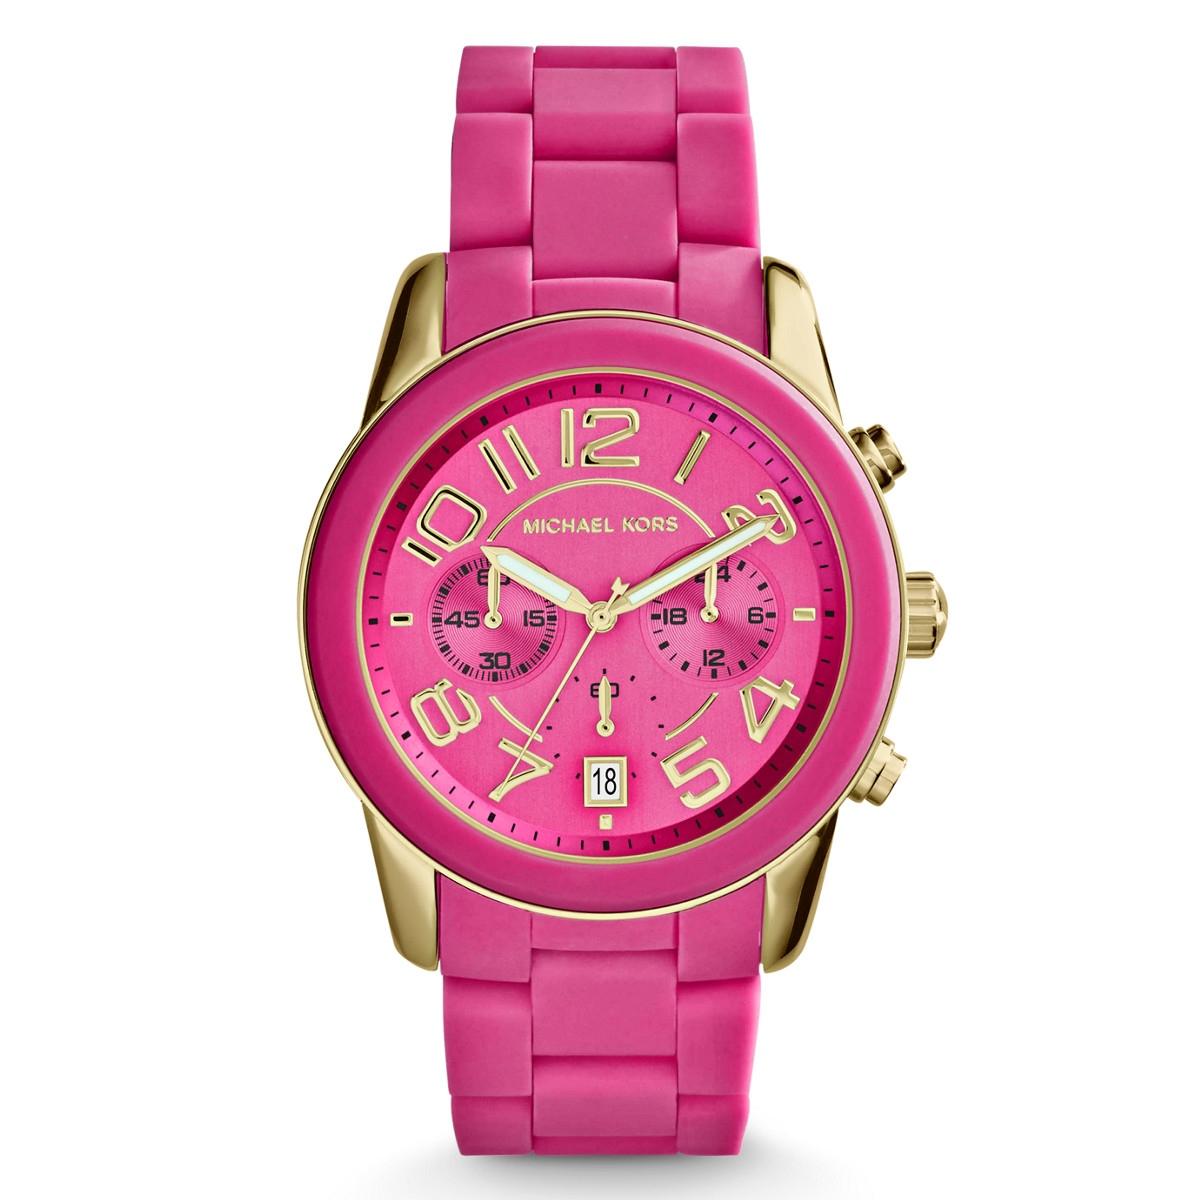 розовые часы michael kors женщине при выборе